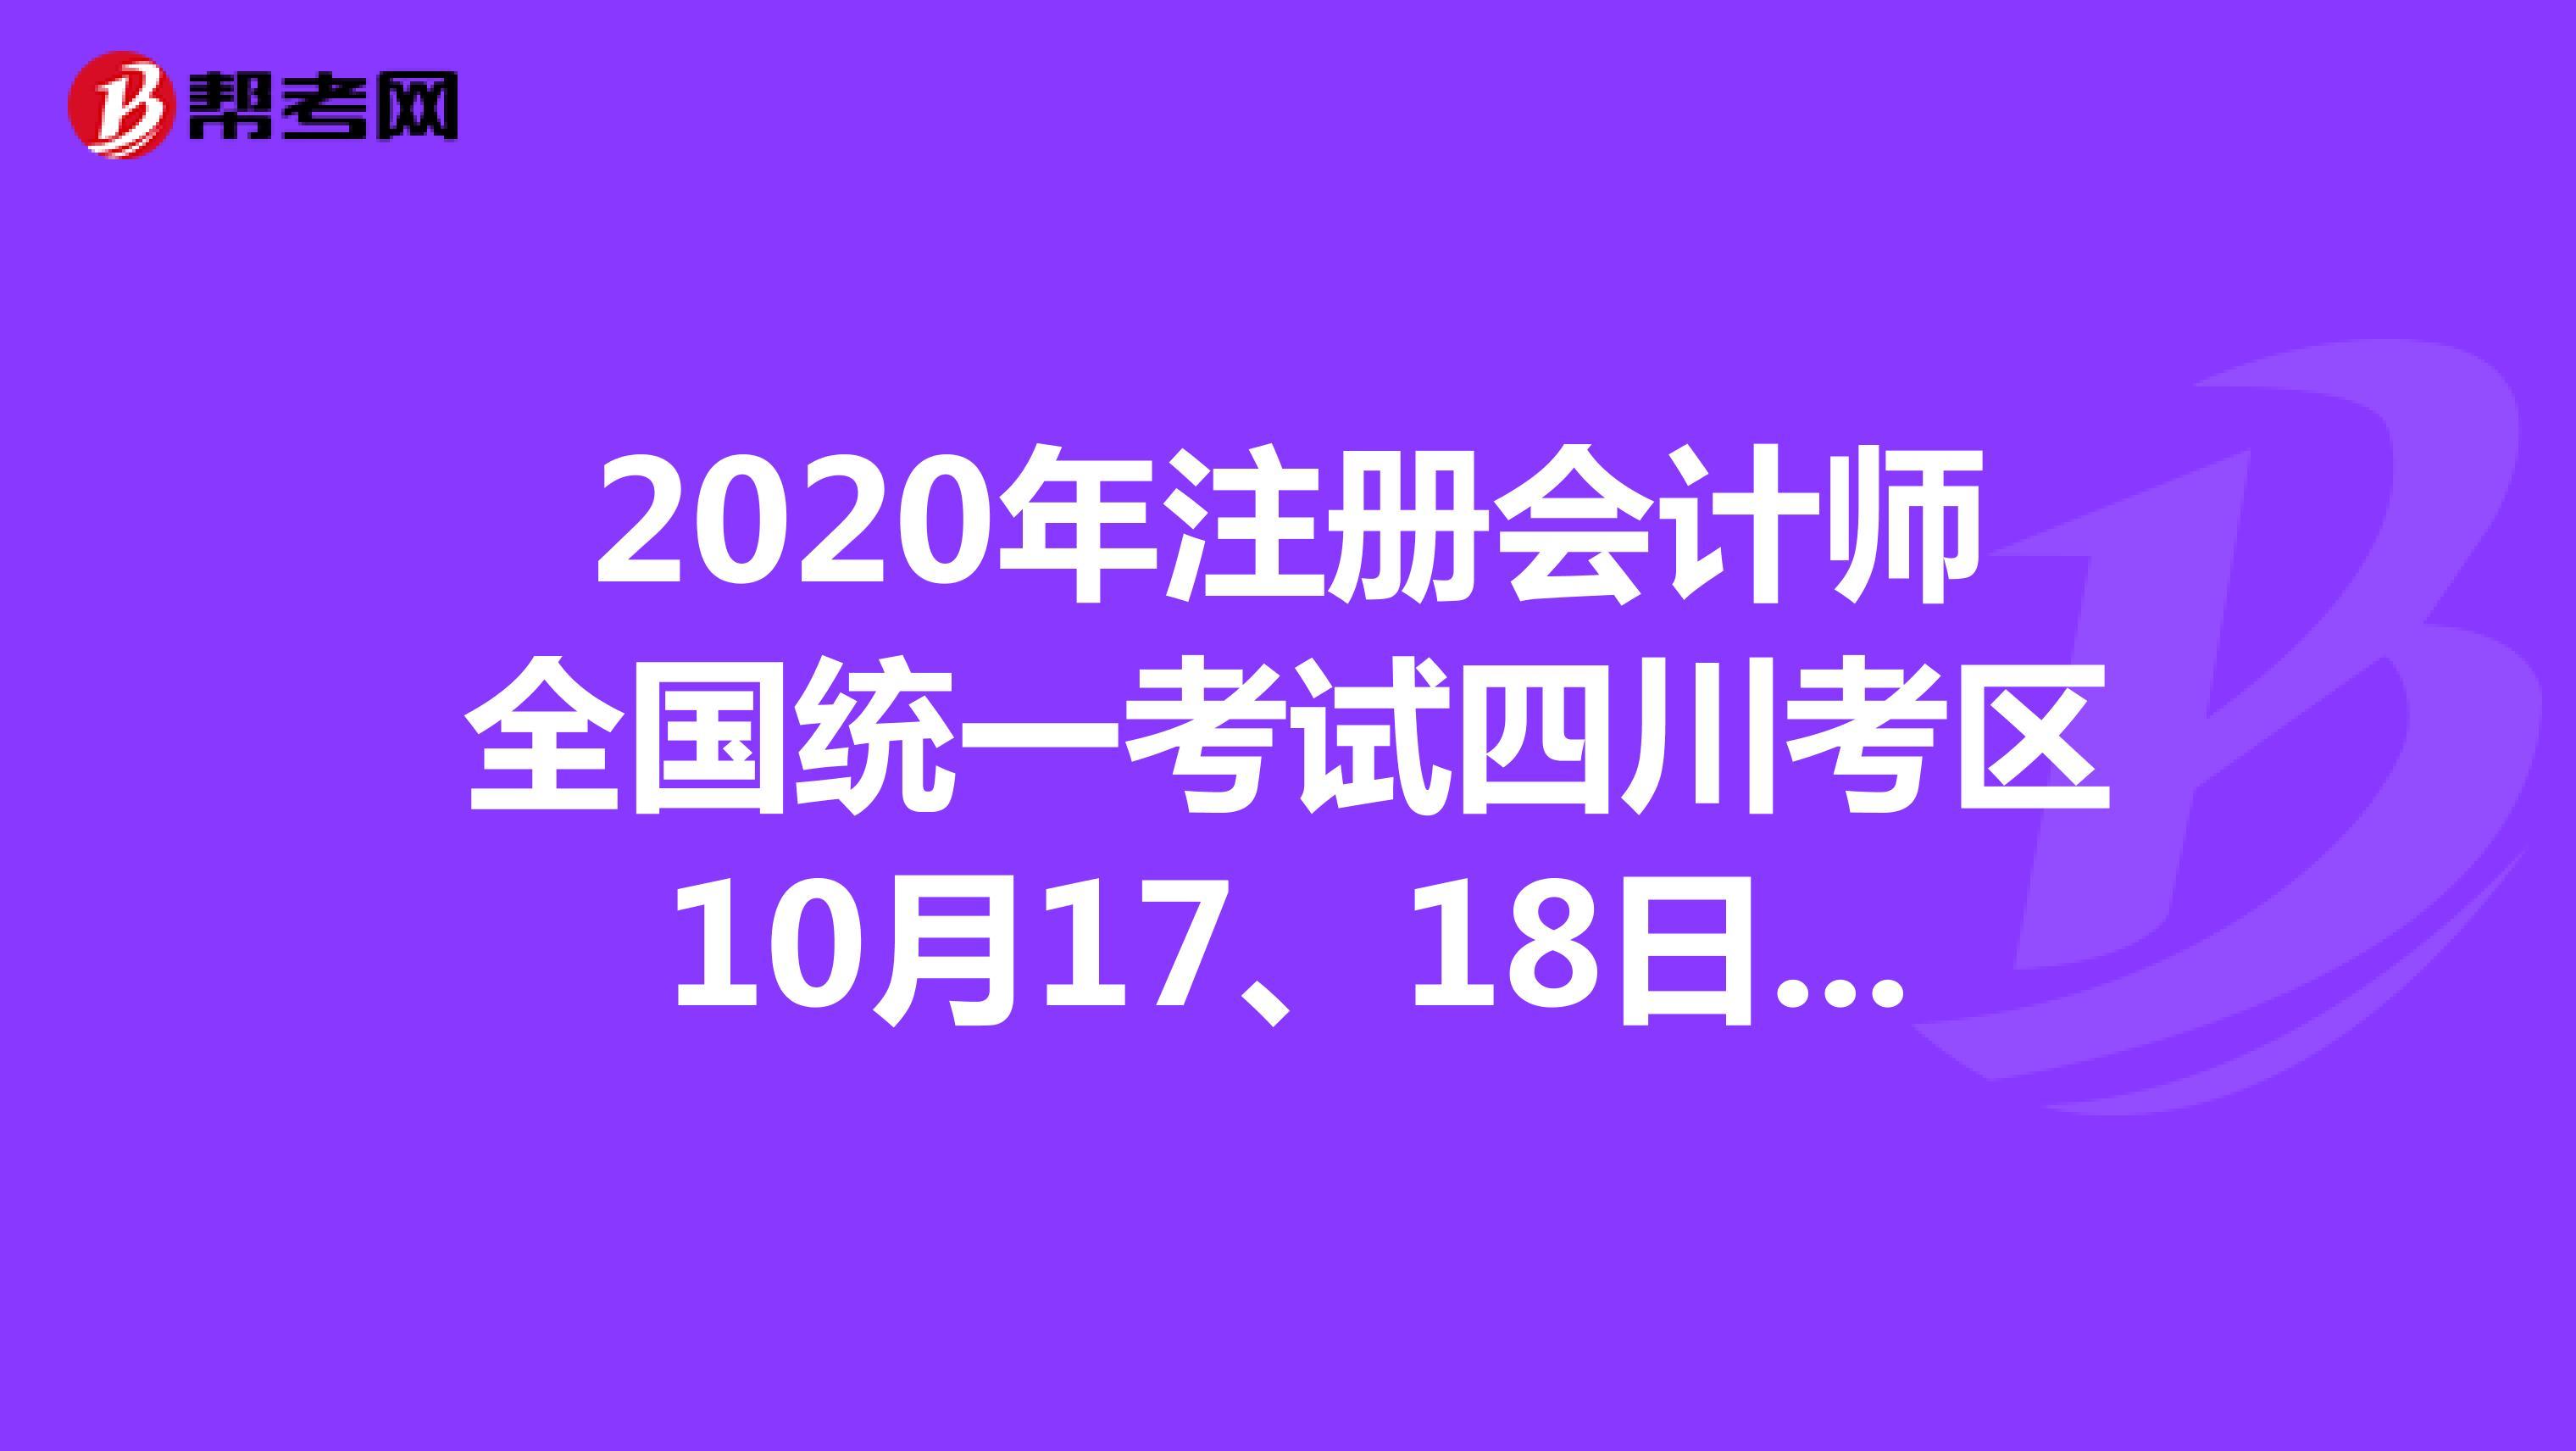 2020年【hot88热竞技提款】注册会计师全国统一考试四川考区10月17、18日考试的考生疫情防控须知!